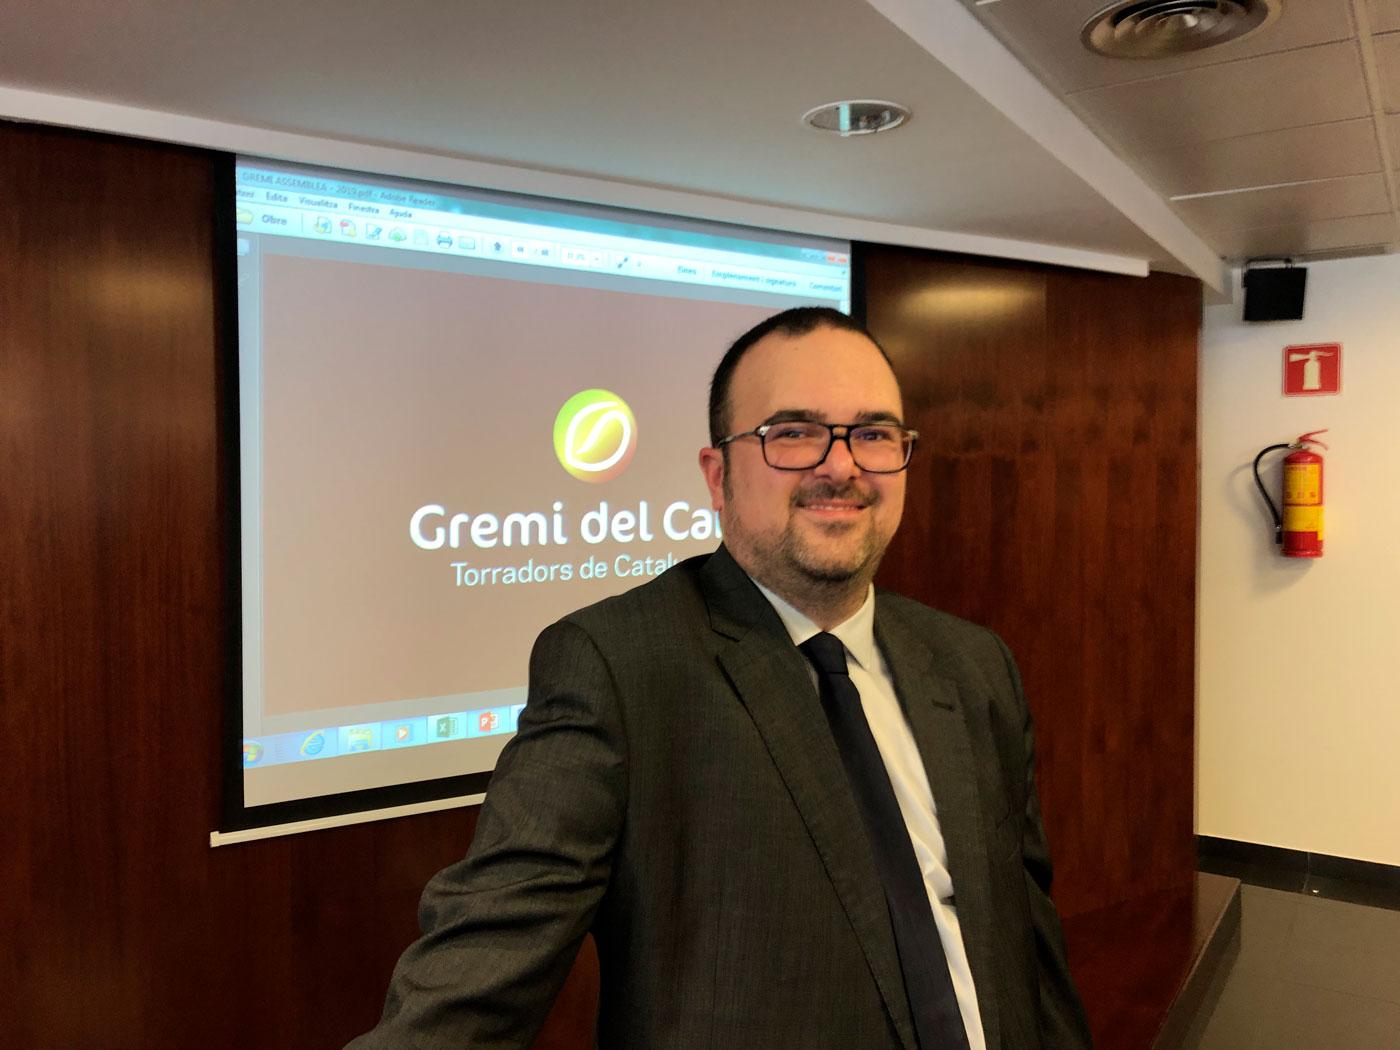 Xavier Tomàs a l'Assamblea del Gremi del Cafè, Torradors de Catalunya 2019